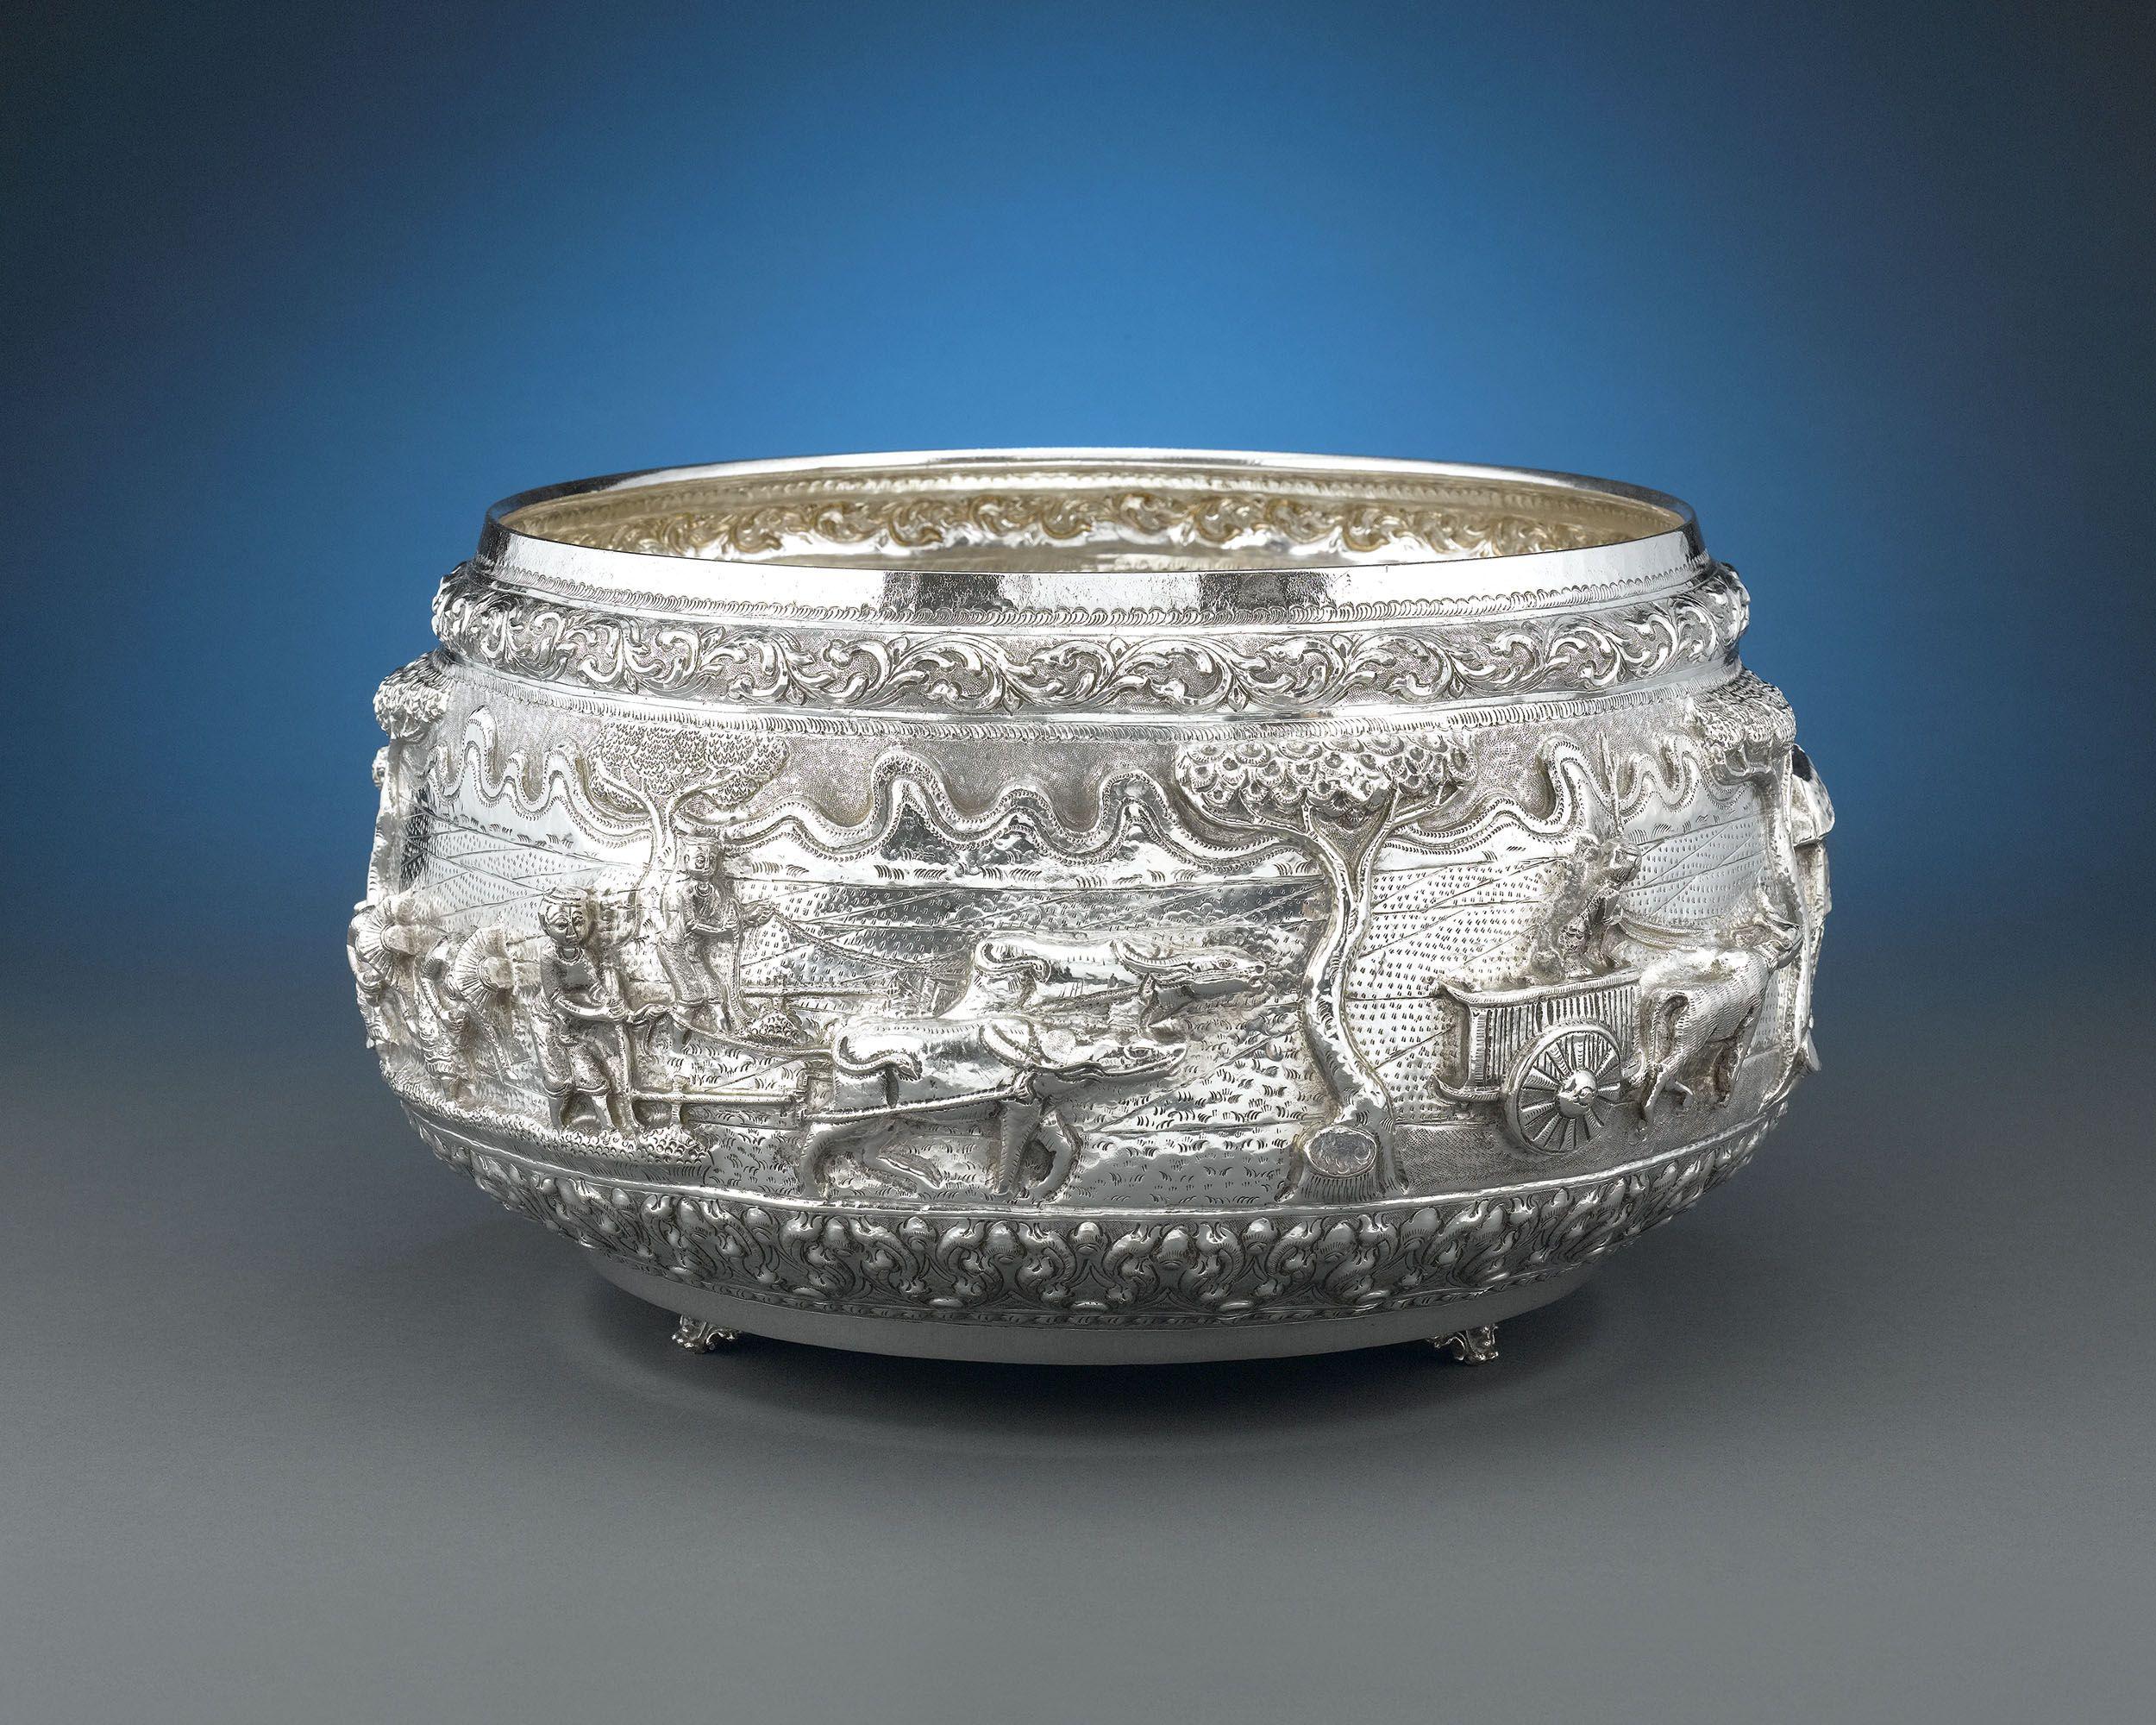 Burmese silver bowl silver bowl silver antique silver